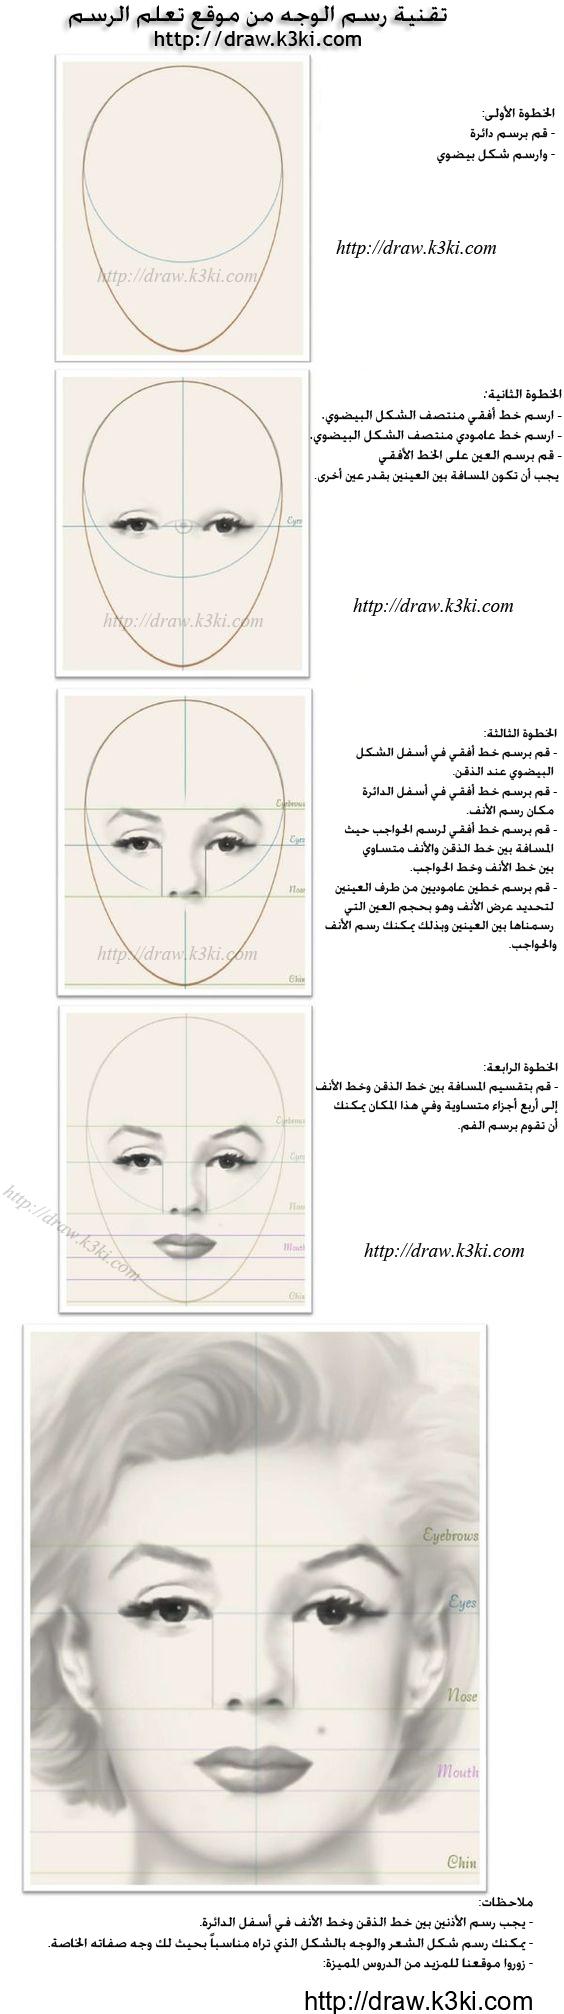 تقنية رسم الوجه من موقع تعلم الرسم